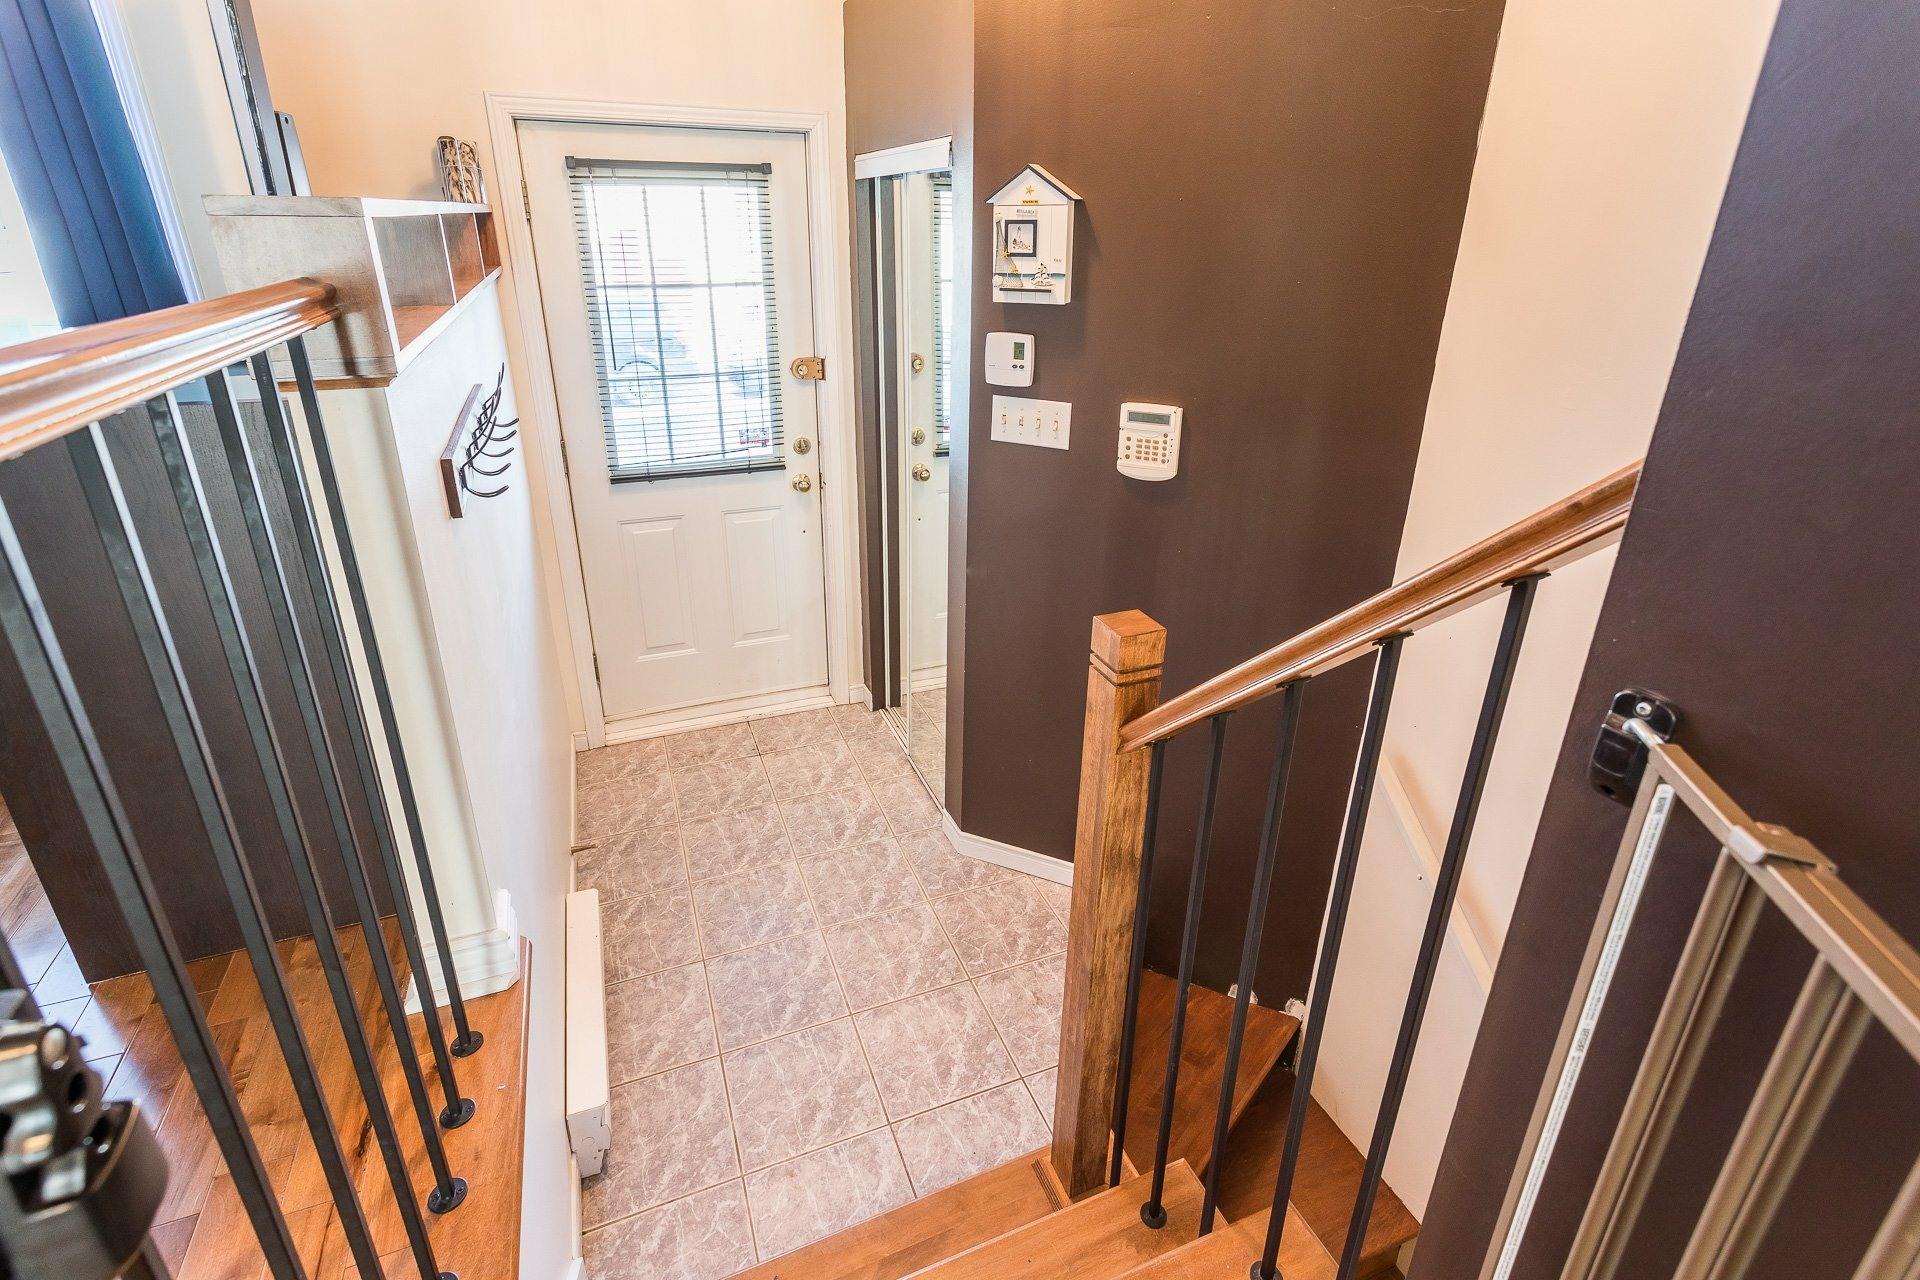 image 2 - House For sale Rivière-des-Prairies/Pointe-aux-Trembles Montréal  - 9 rooms